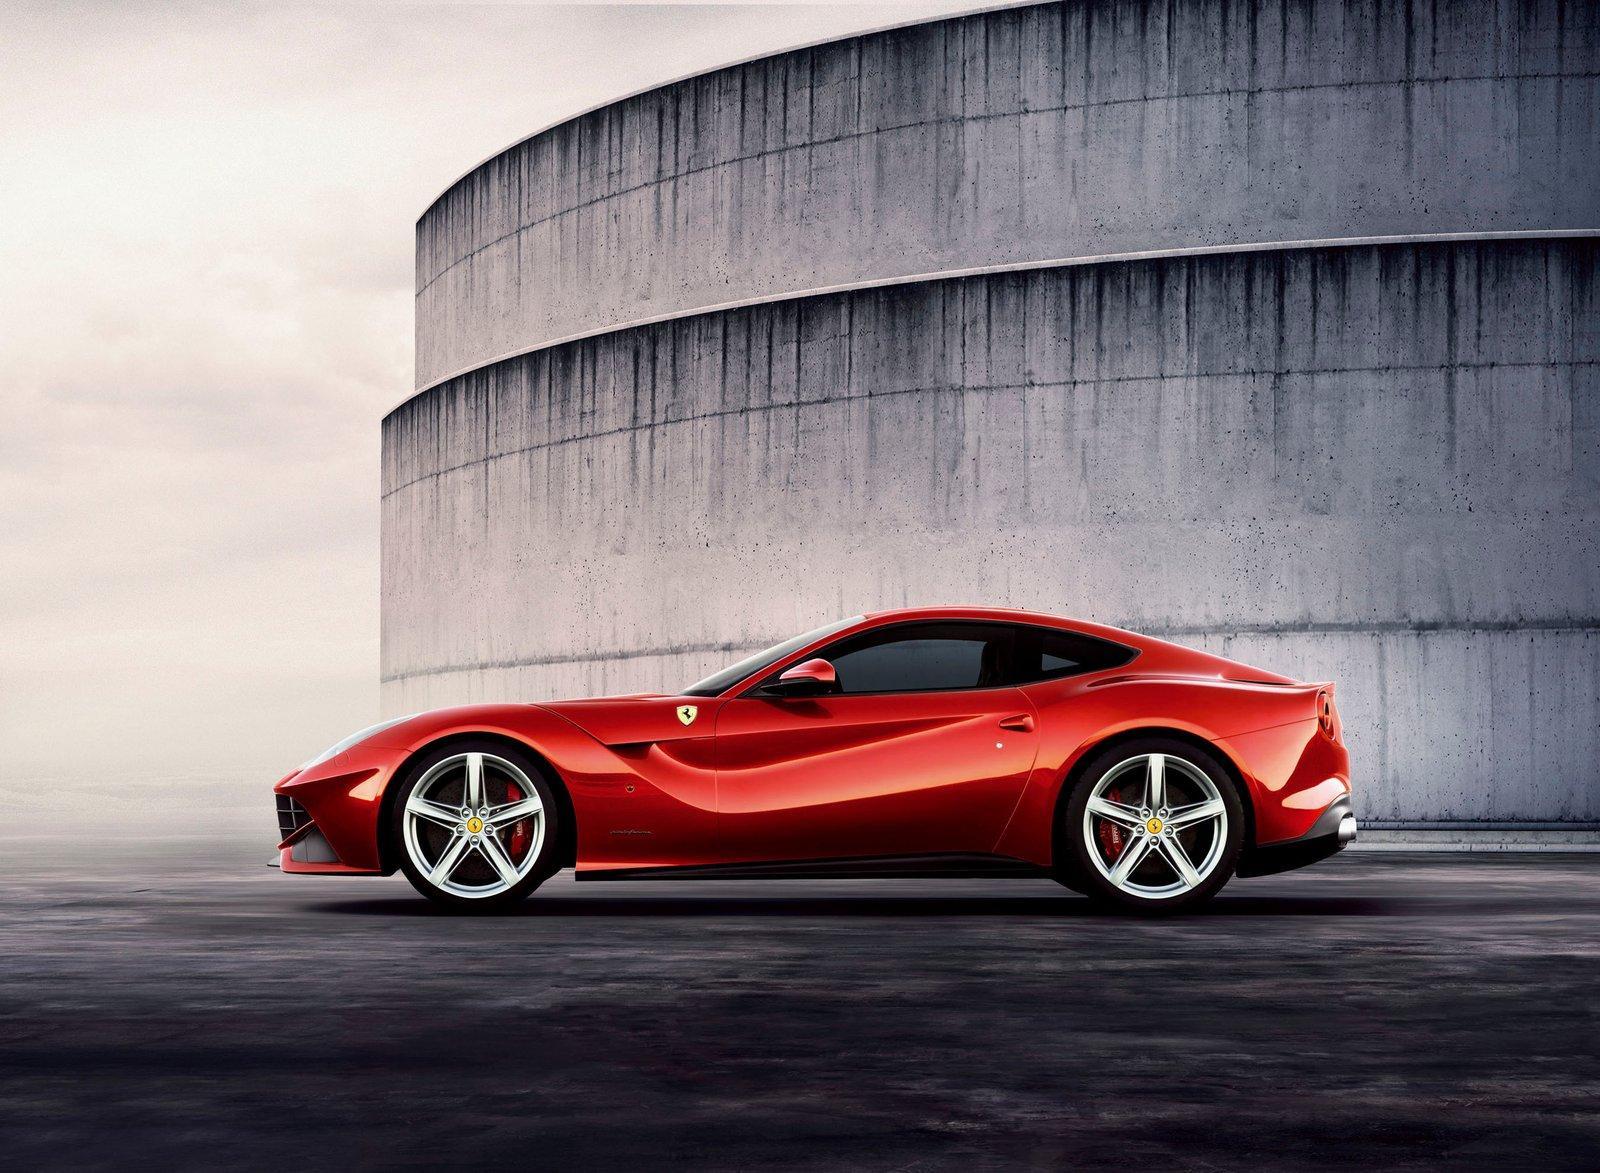 Ferrari F12 Berlinetta - $1,125,000